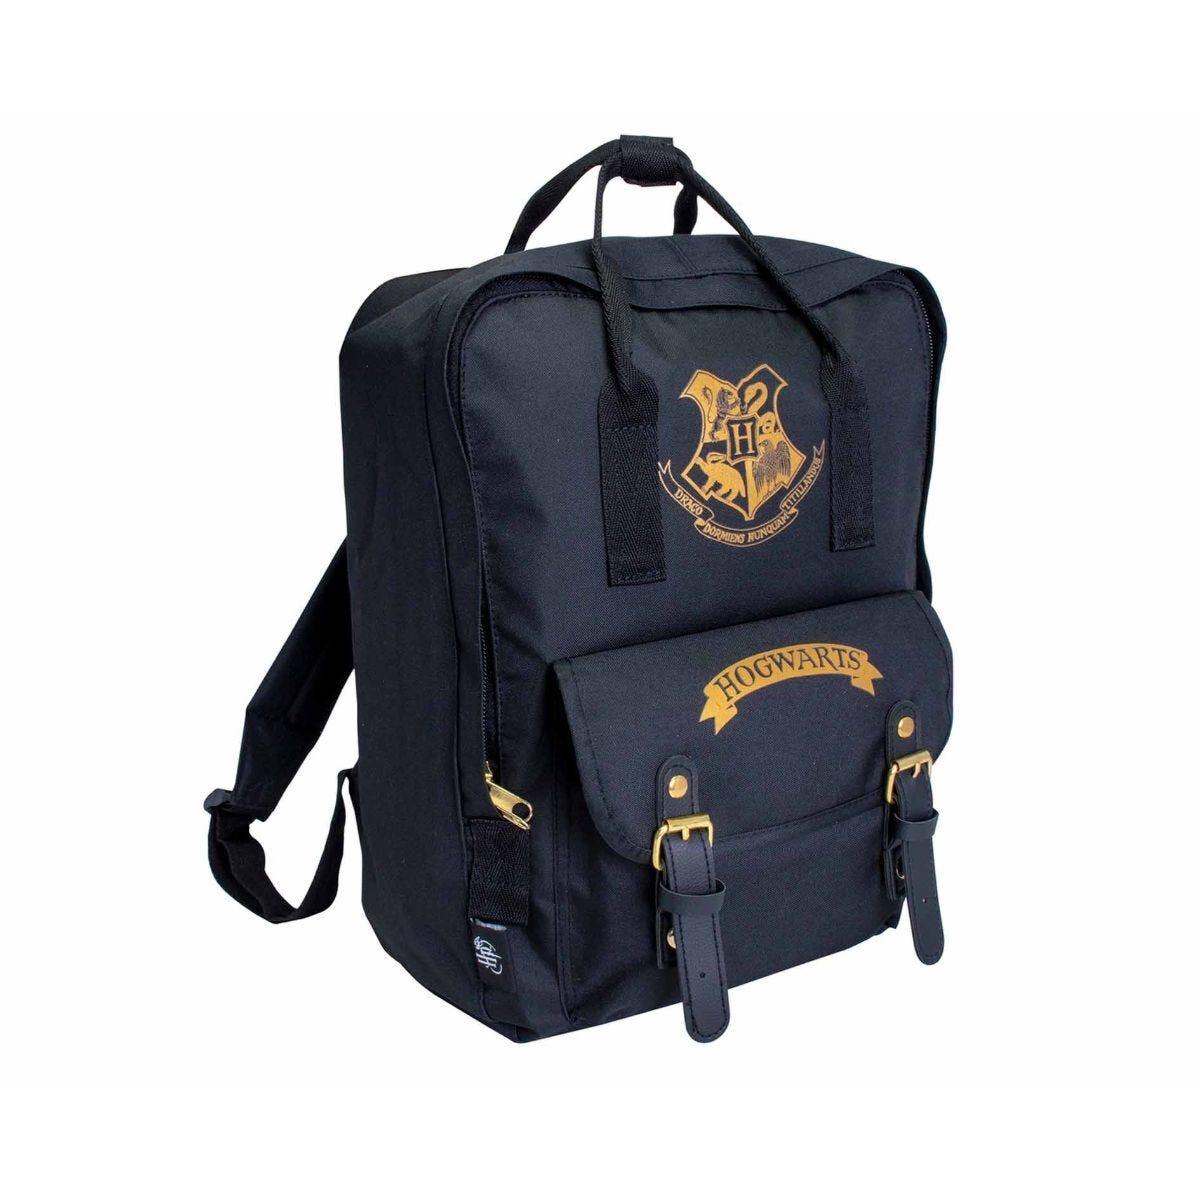 Harry Potter Premium Backpack with Hogwarts Crest Black + Gold